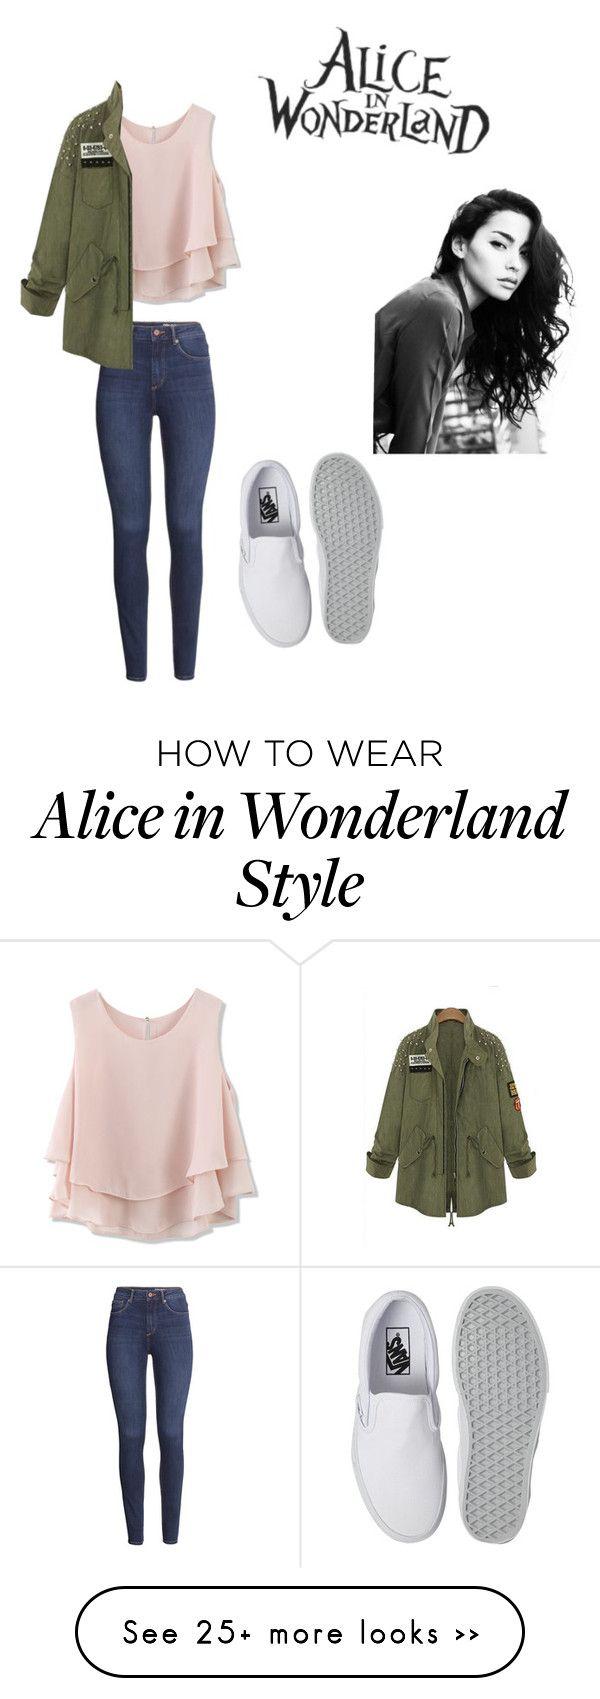 [ Novembre n°2 ]Chemise rose pâle,Veste kaki,Slim jean,Vans blanche,Cheveux frisé.